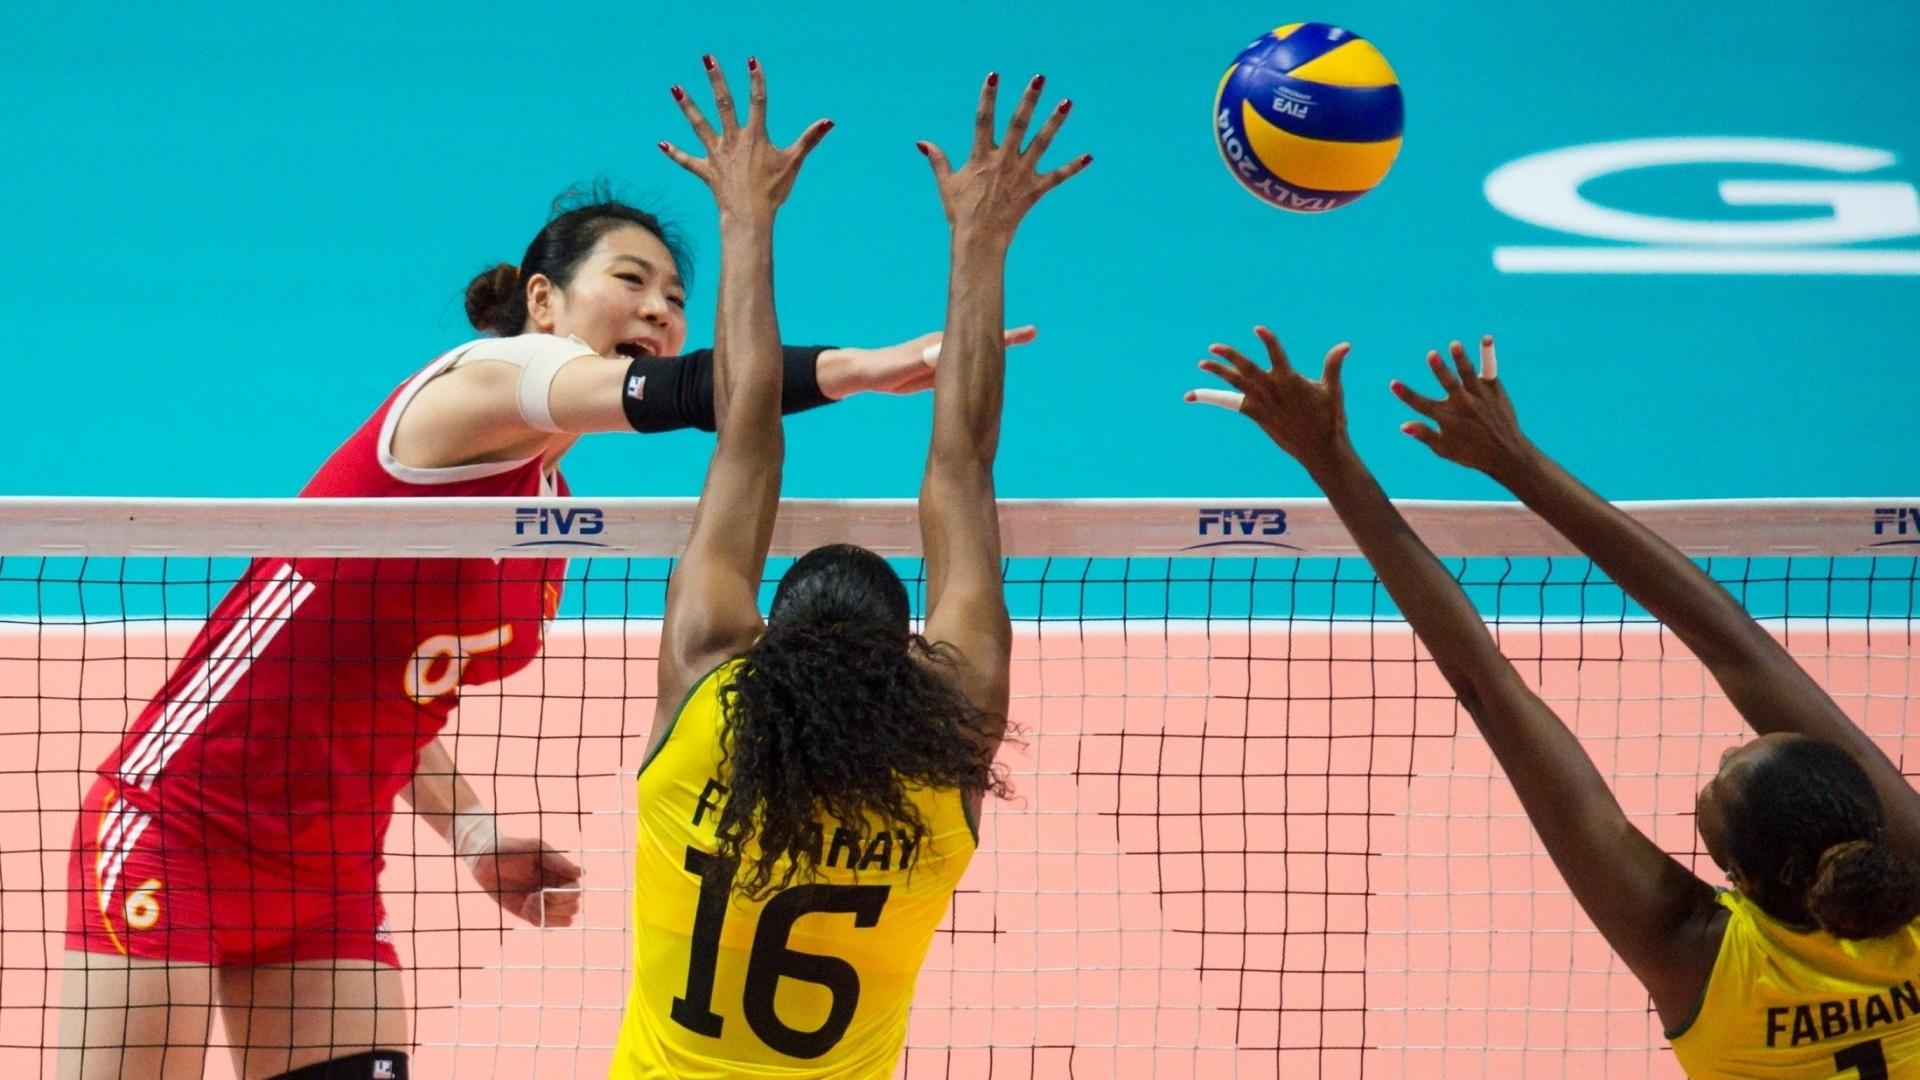 Junjing Yang encara o bloqueio de Fernanda Garay e Fabiana na partida entre Brasil e China pelo Mundial feminino de vôlei